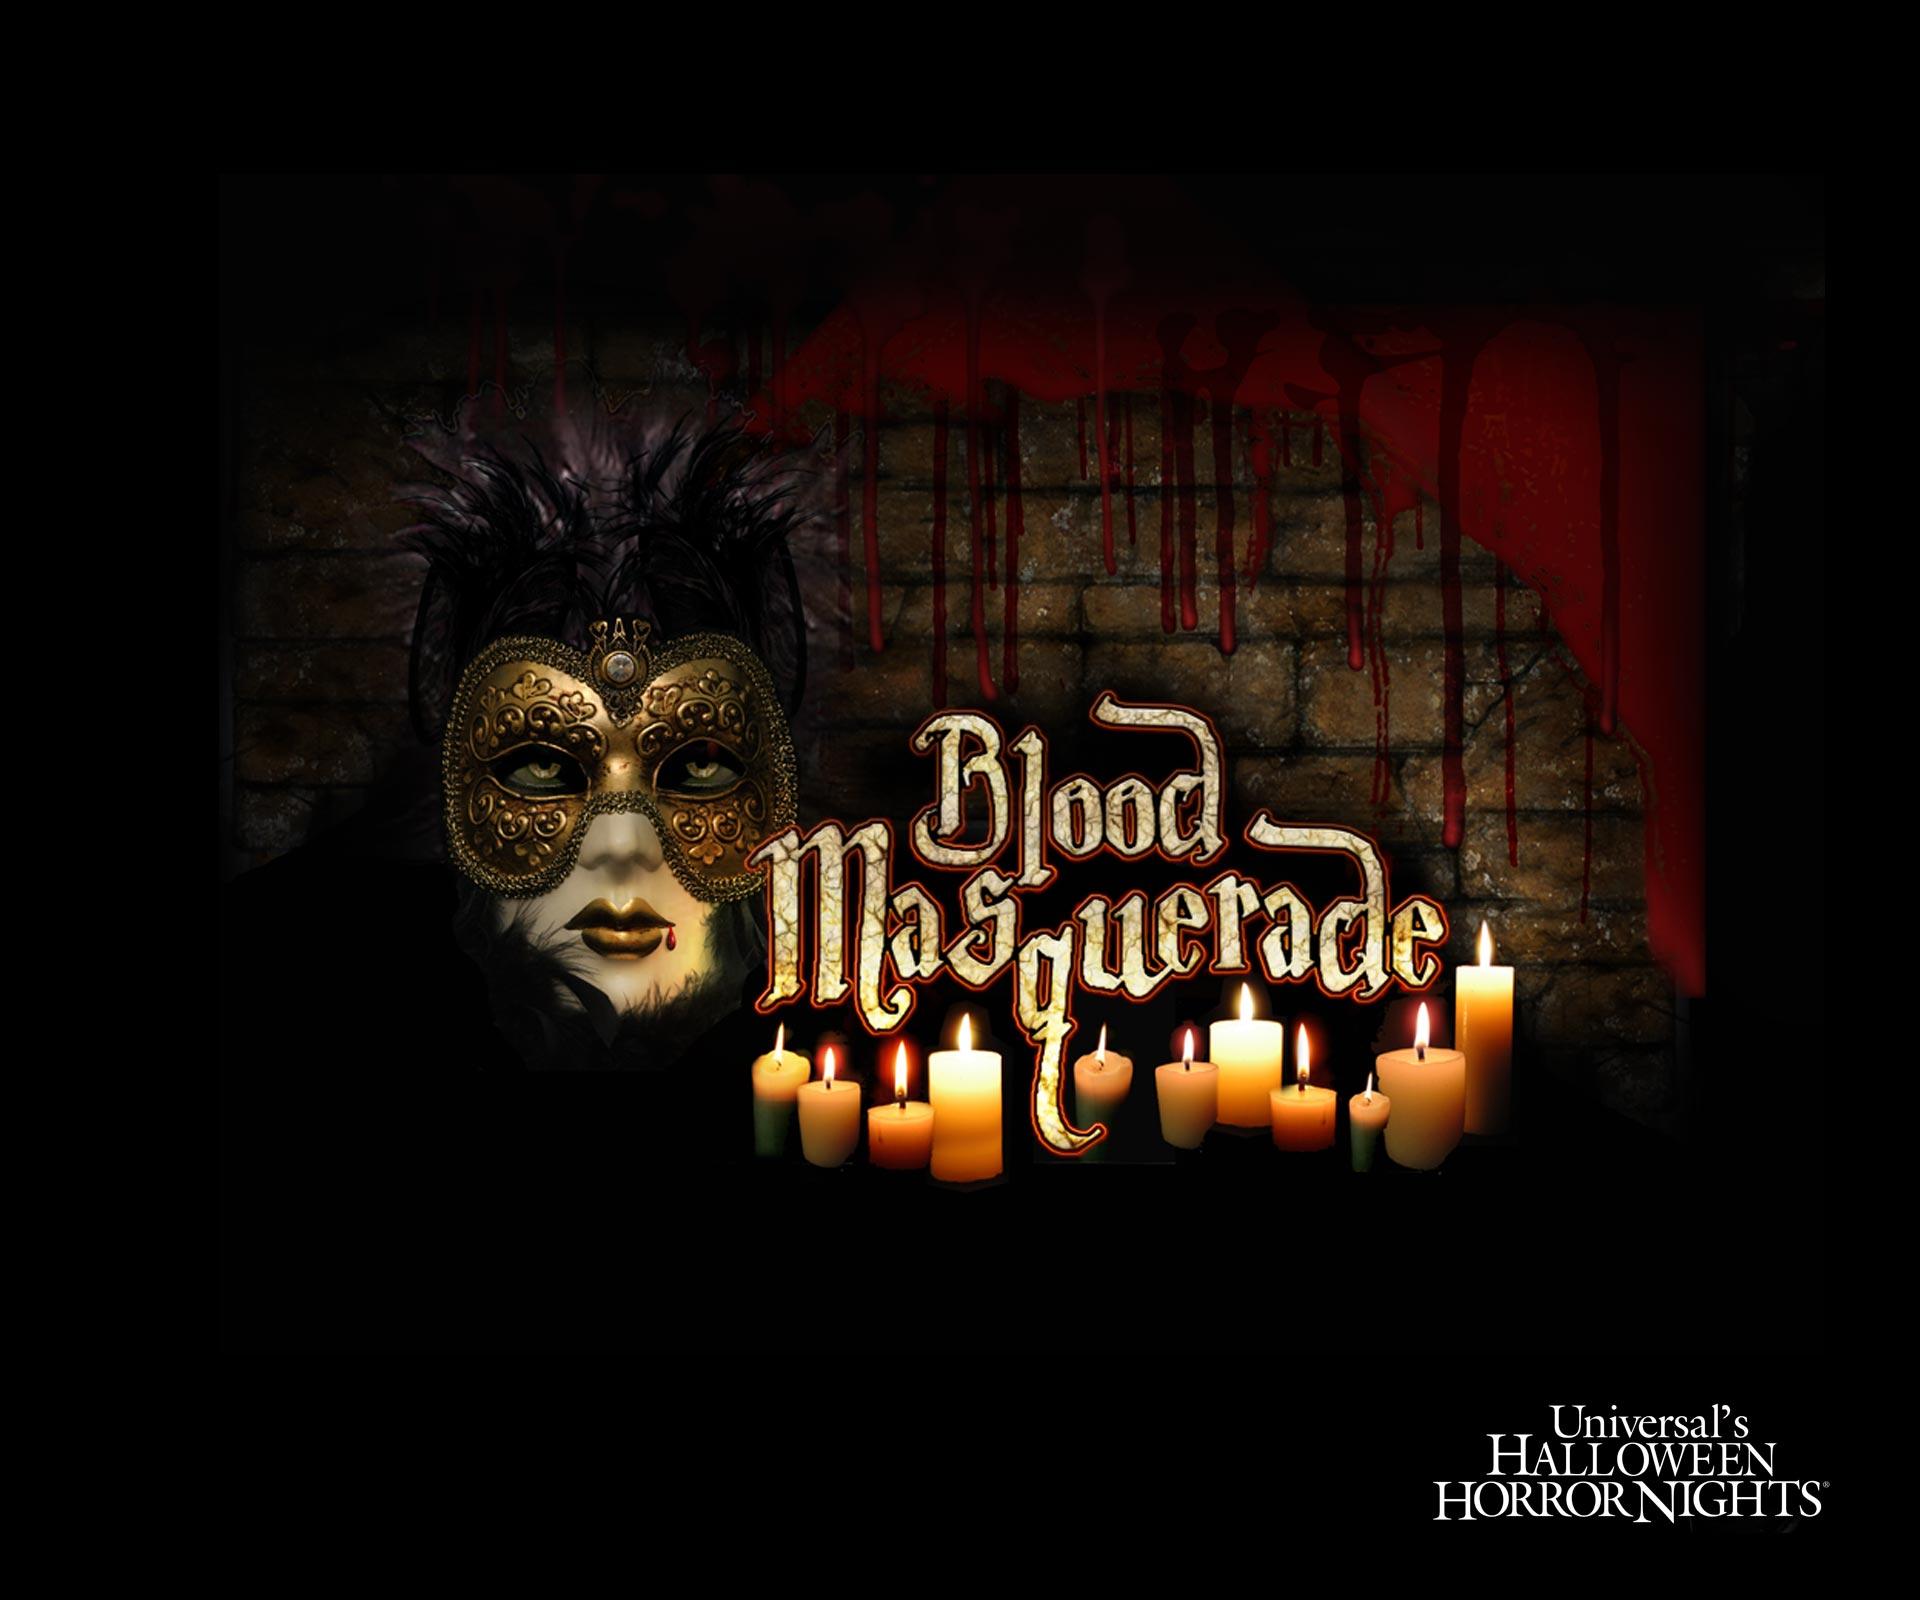 File:Blood Masquerade.jpg